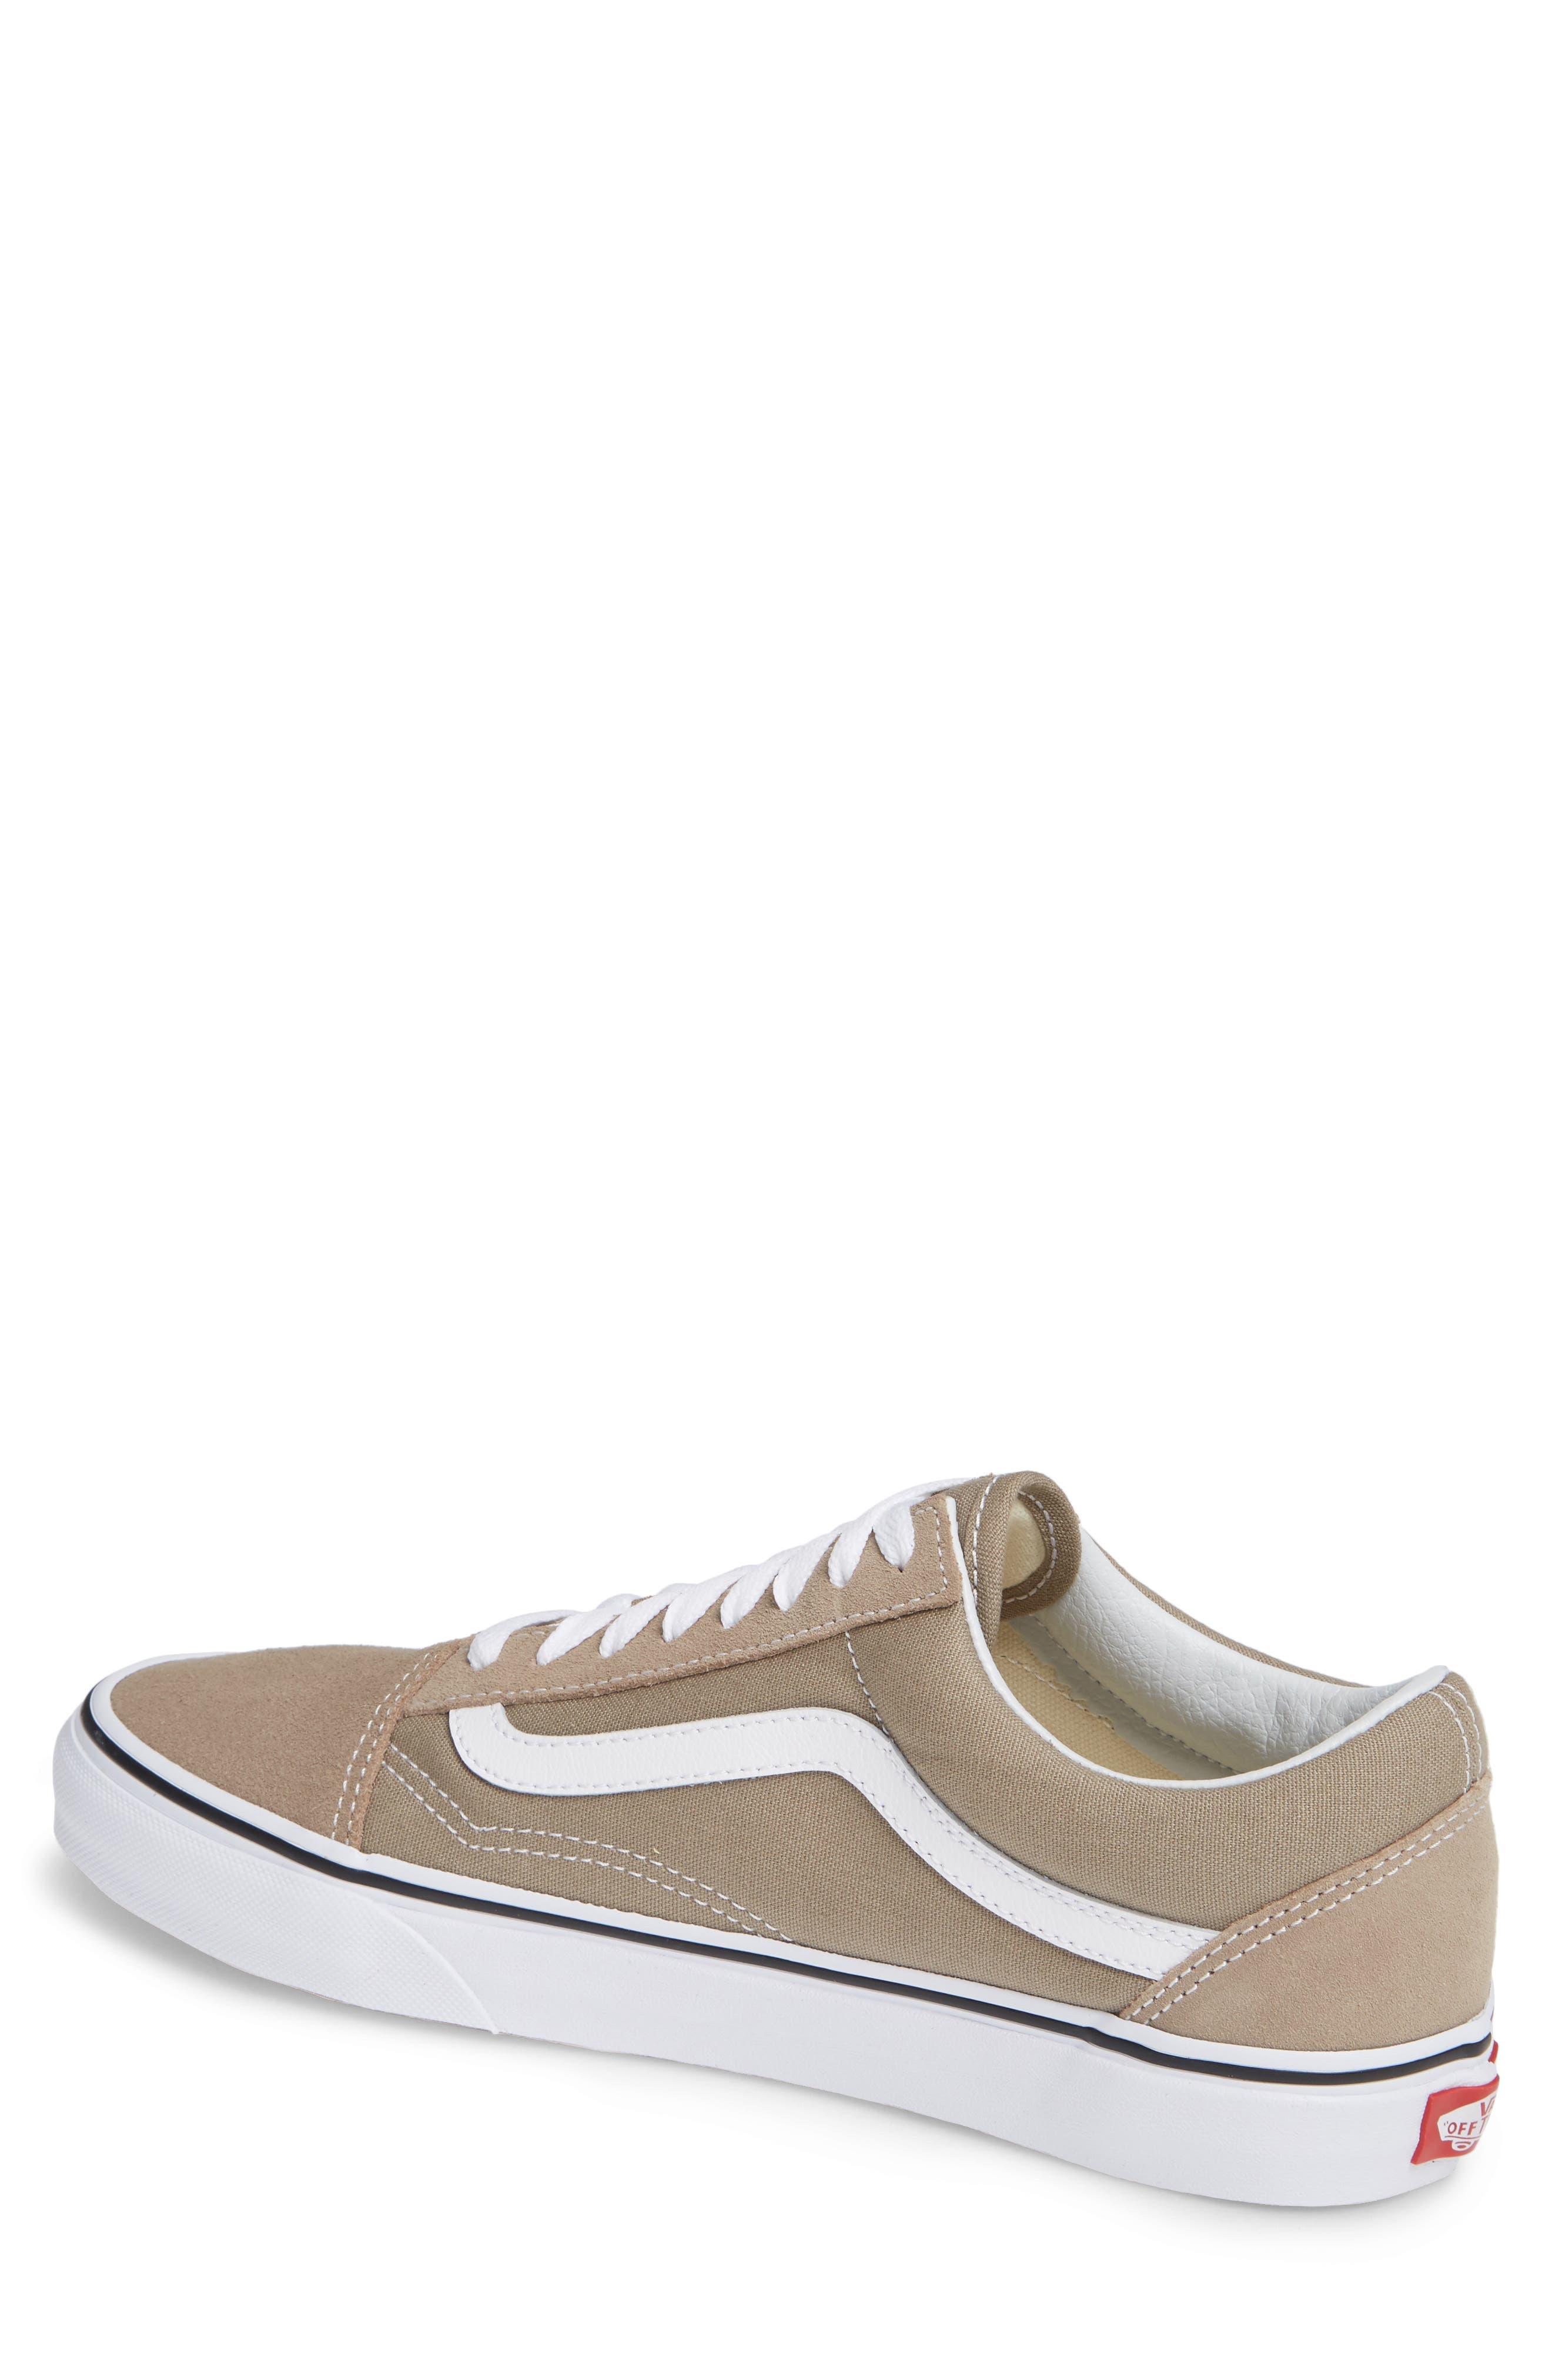 'Old Skool' Sneaker,                             Alternate thumbnail 2, color,                             DESERT TAUPE/ WHITE CANVAS